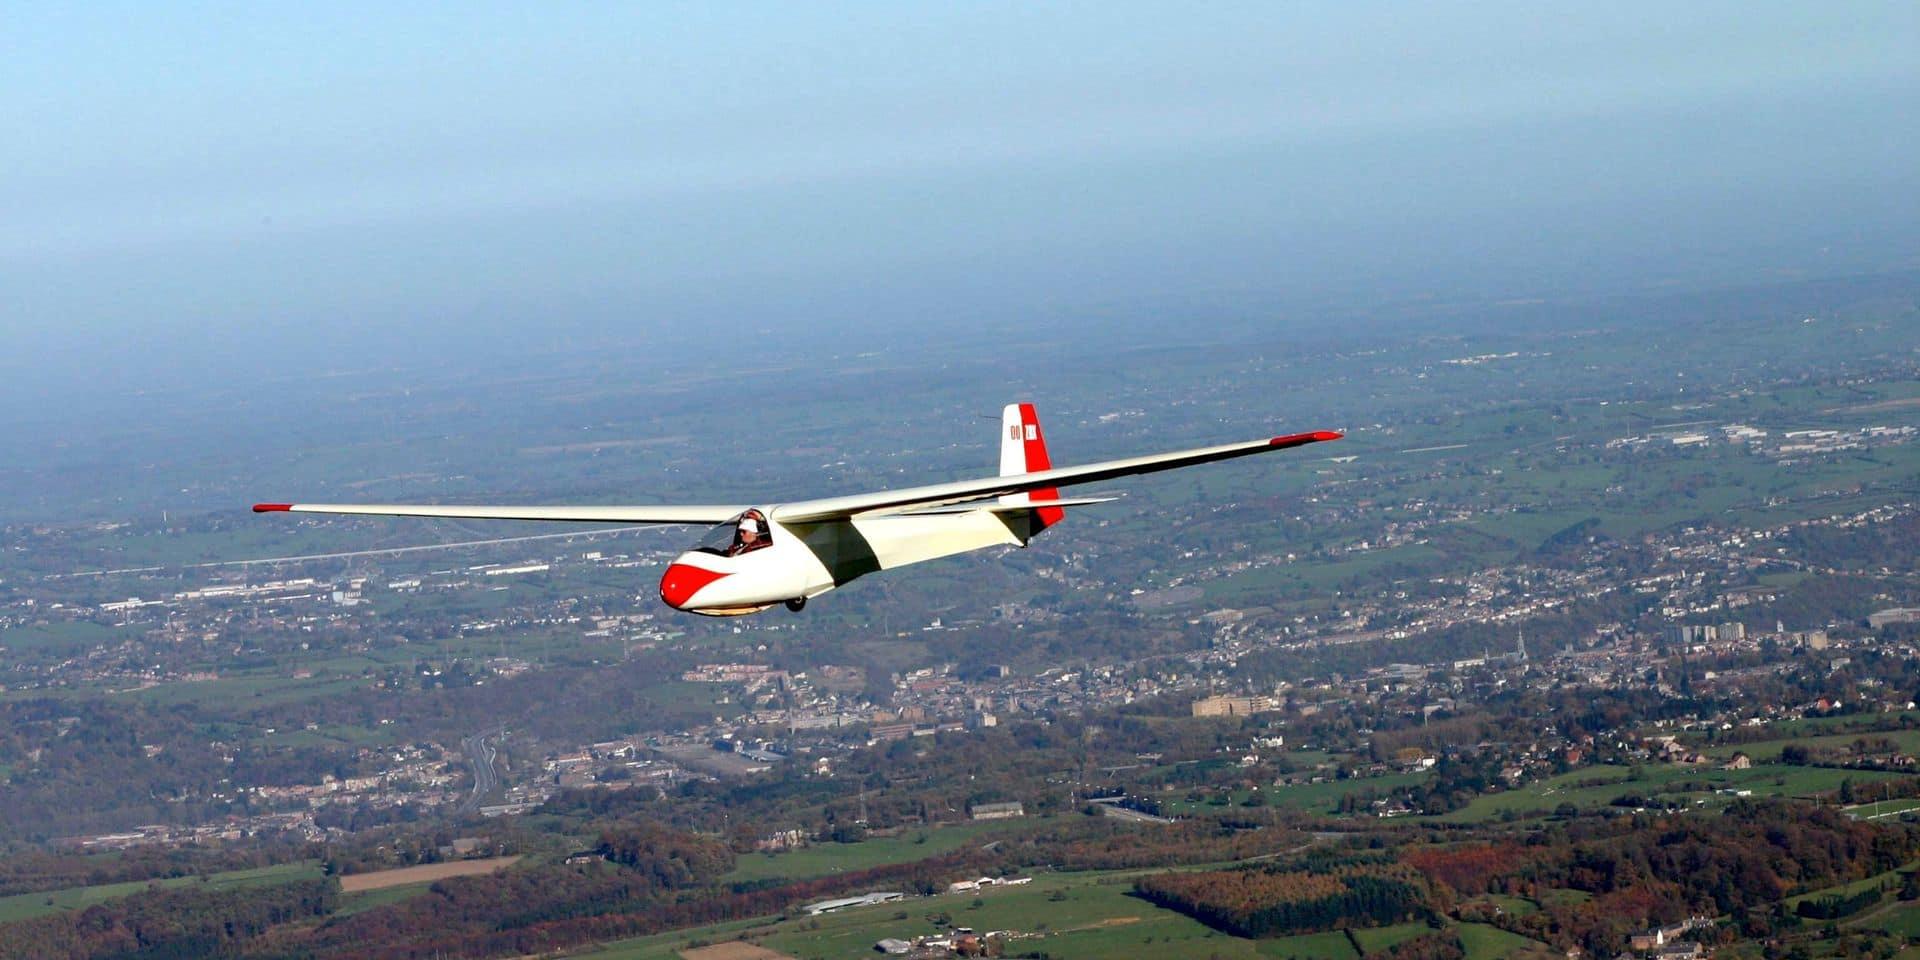 Un planeur s'est écrasé près de Tirlemont: le pilote et sa passagère de 18 ans décèdent